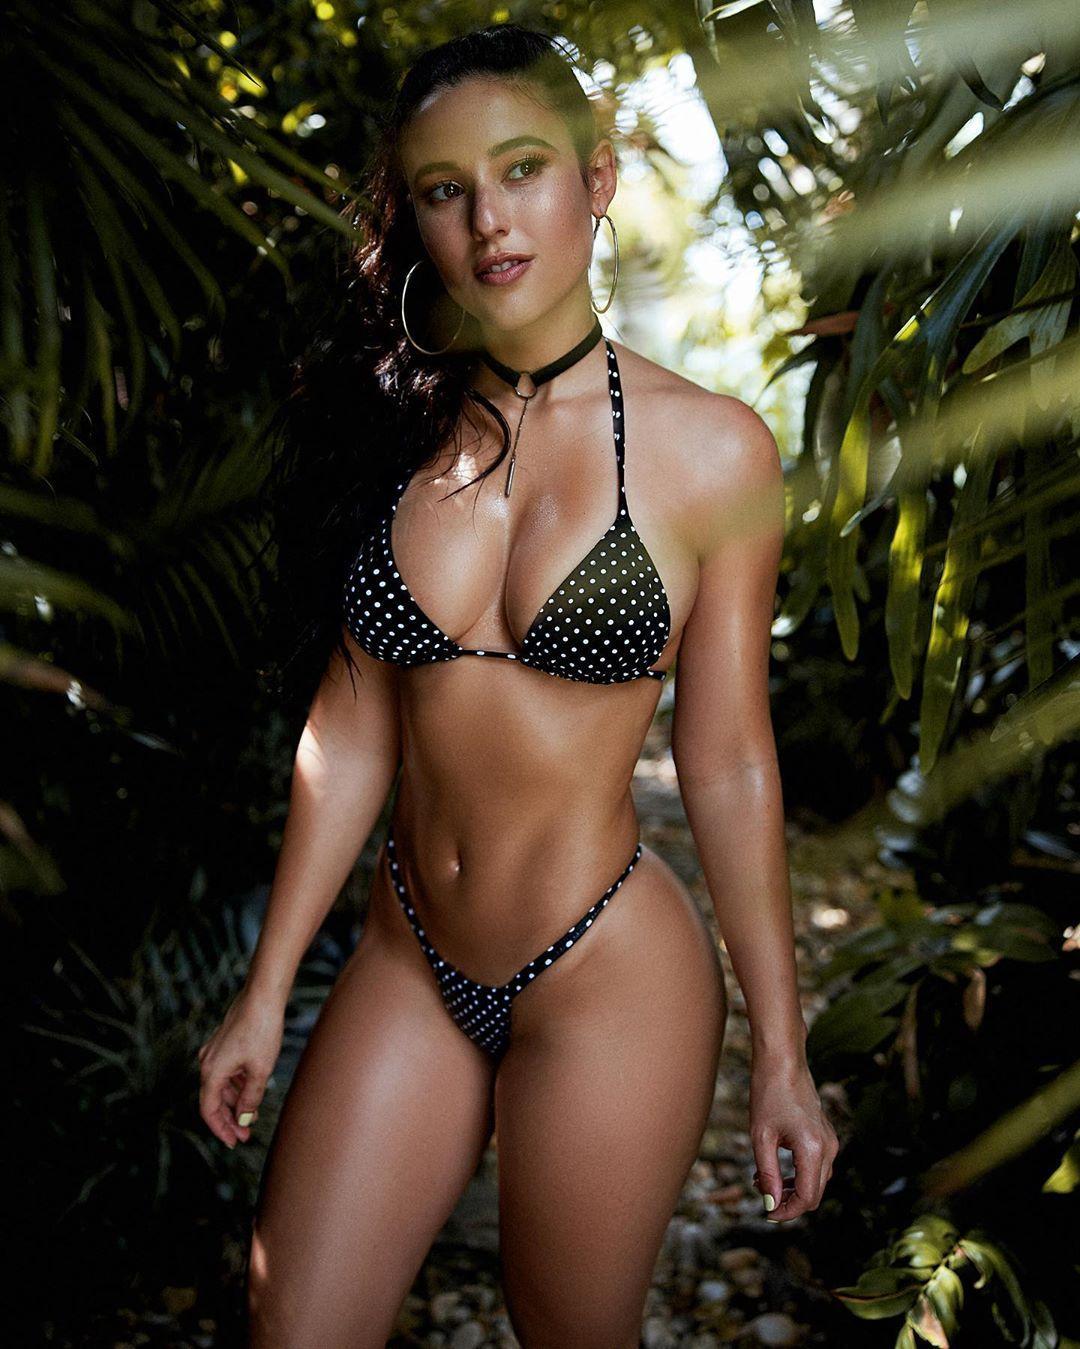 Angie Varona Bikini Onlyfans Set Leaked